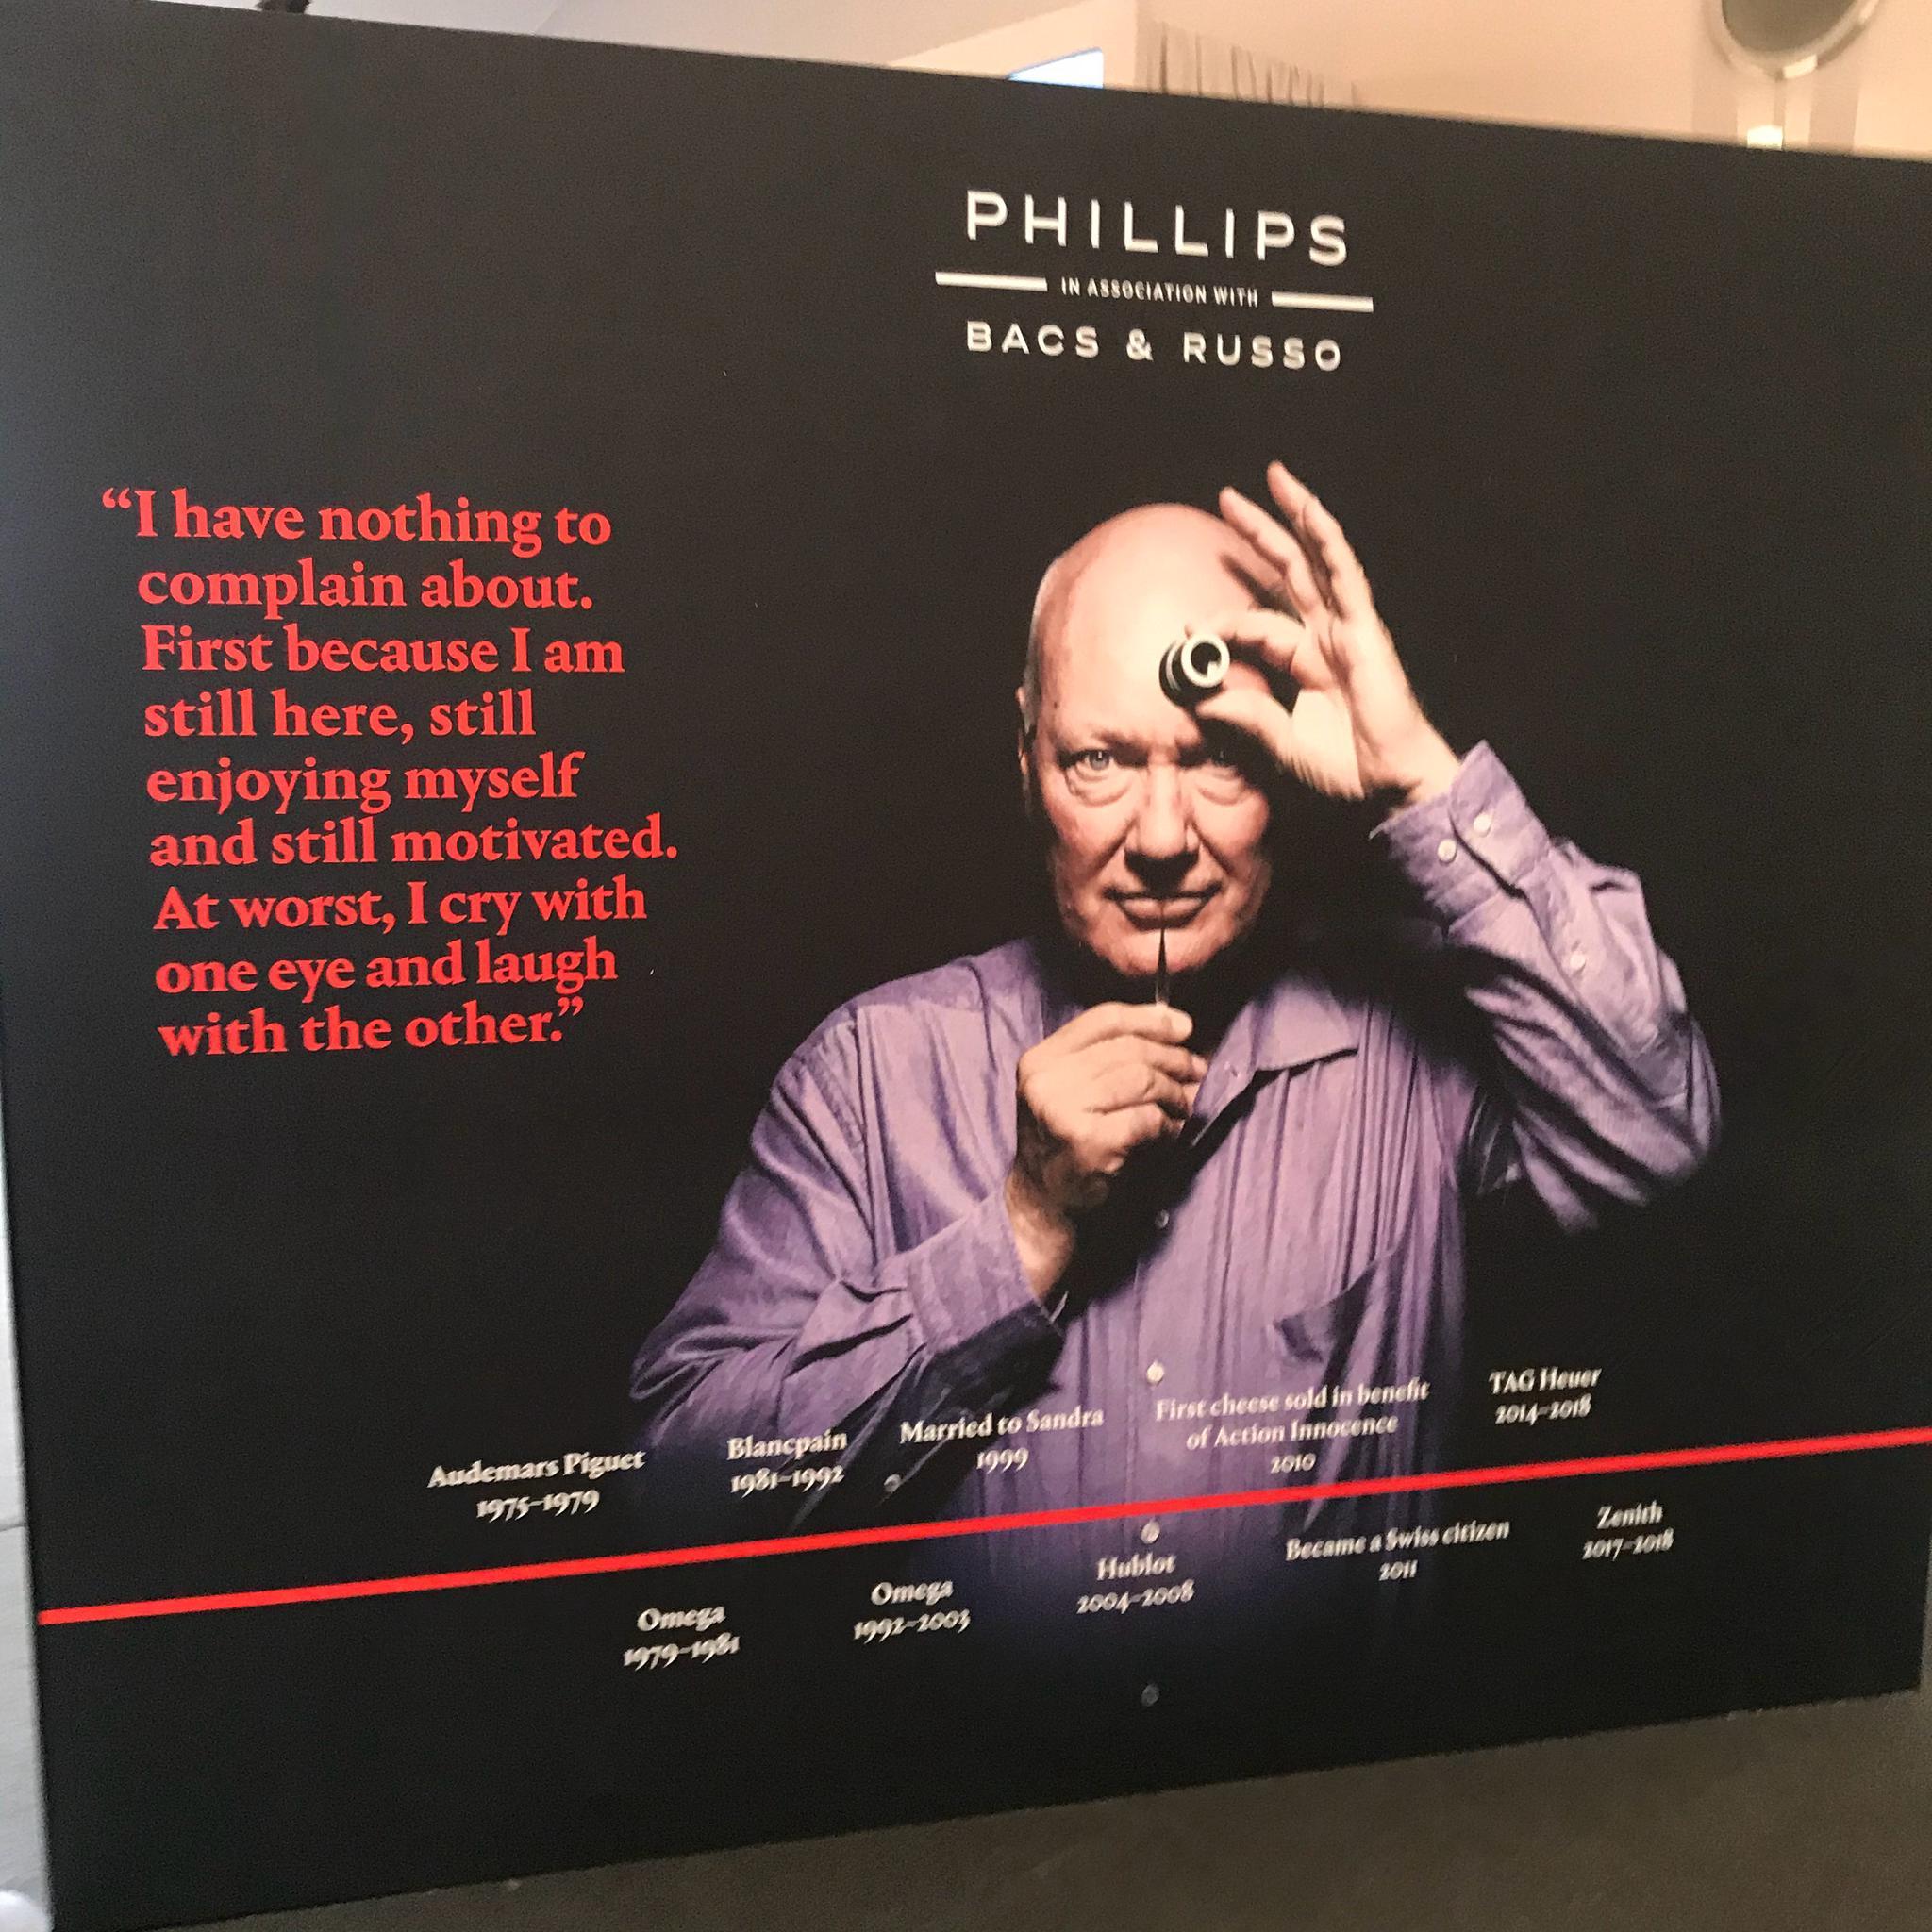 富艺斯在预展现场同时做了一个JC Biver个人藏品的小展览